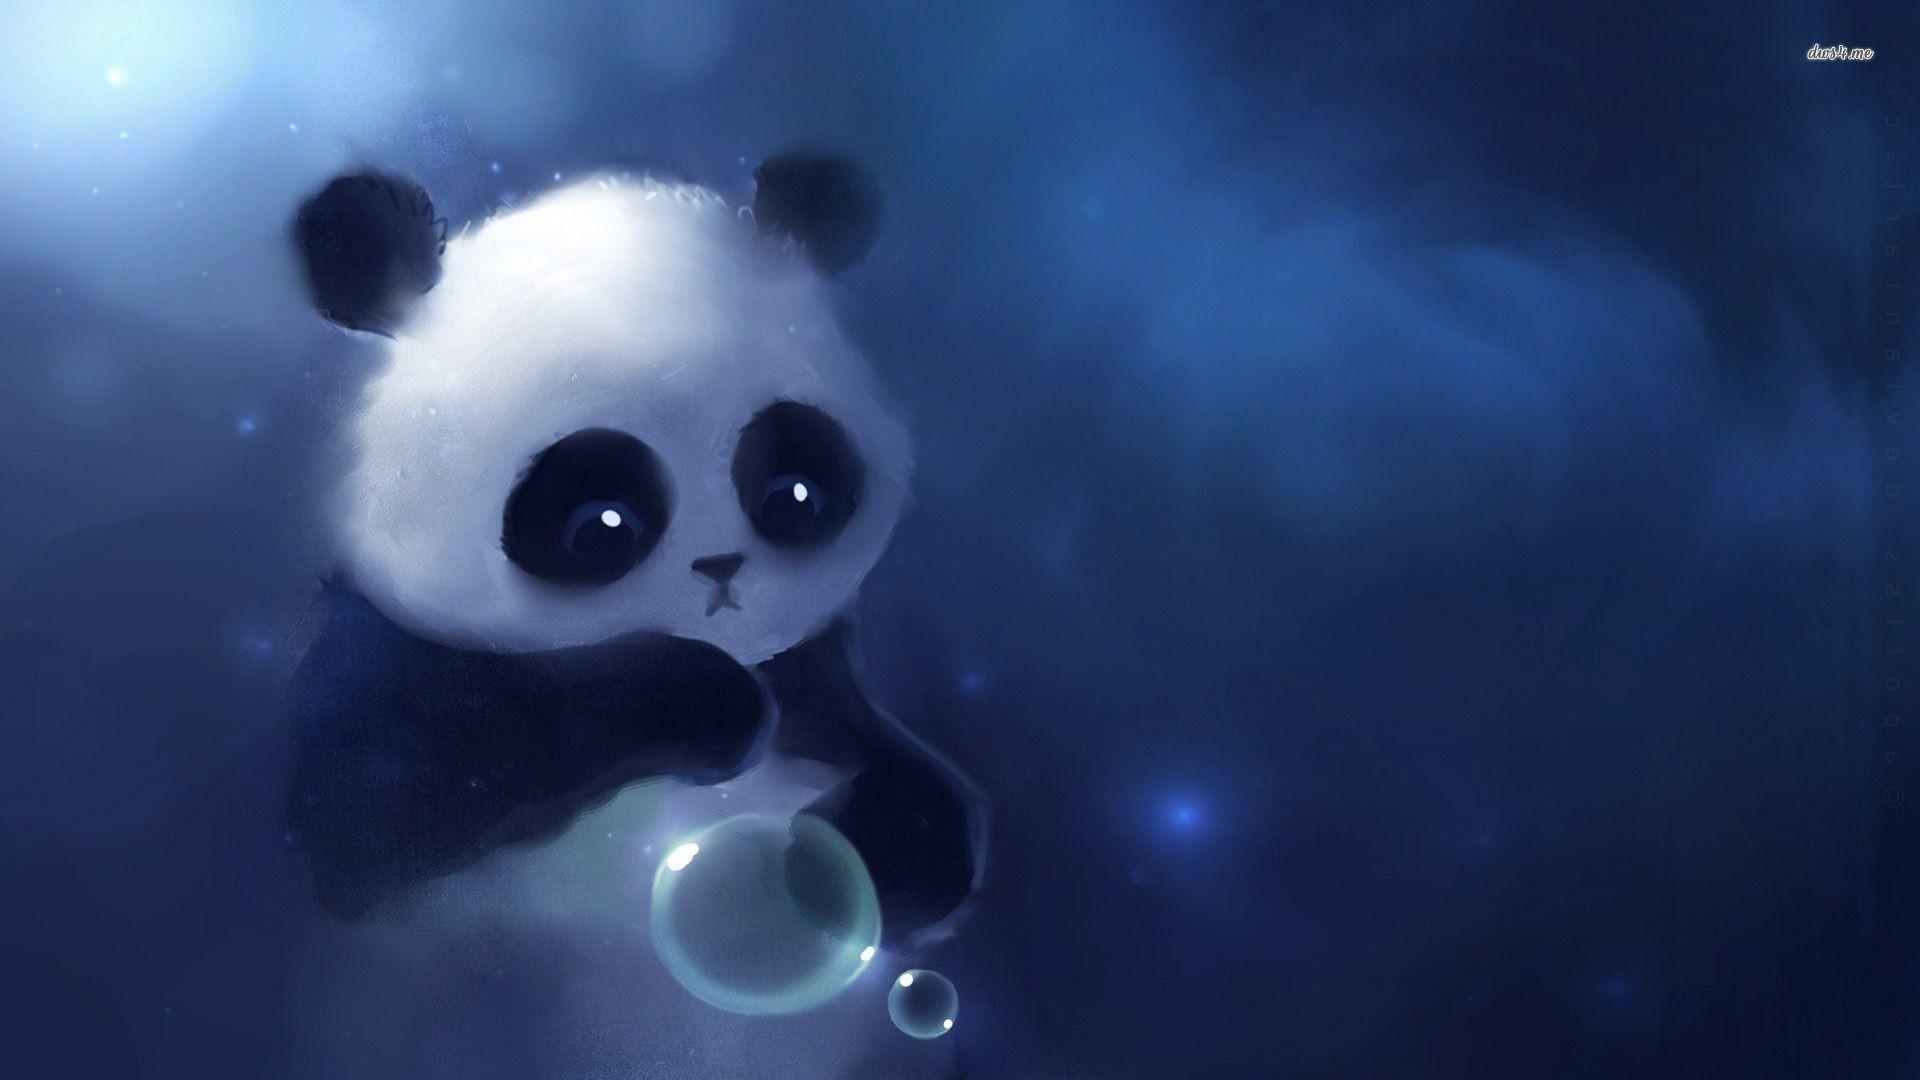 Cute Baby Panda Cartoon Wallpaper